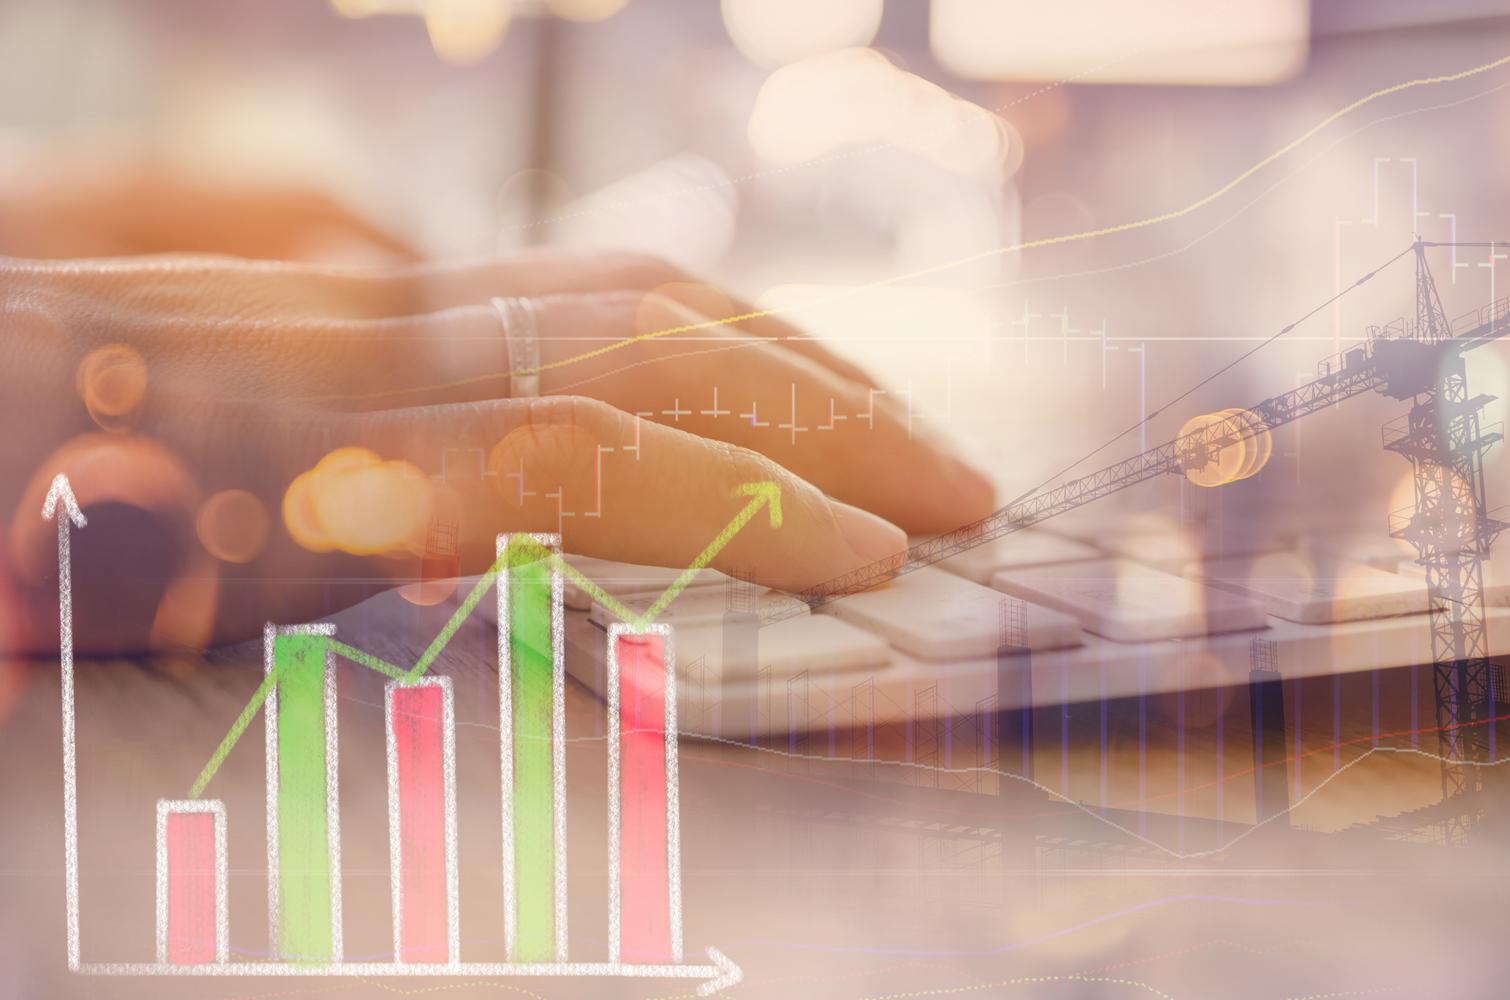 Cât De Profitabil Este Opțiunea De Tranzacționare Binară